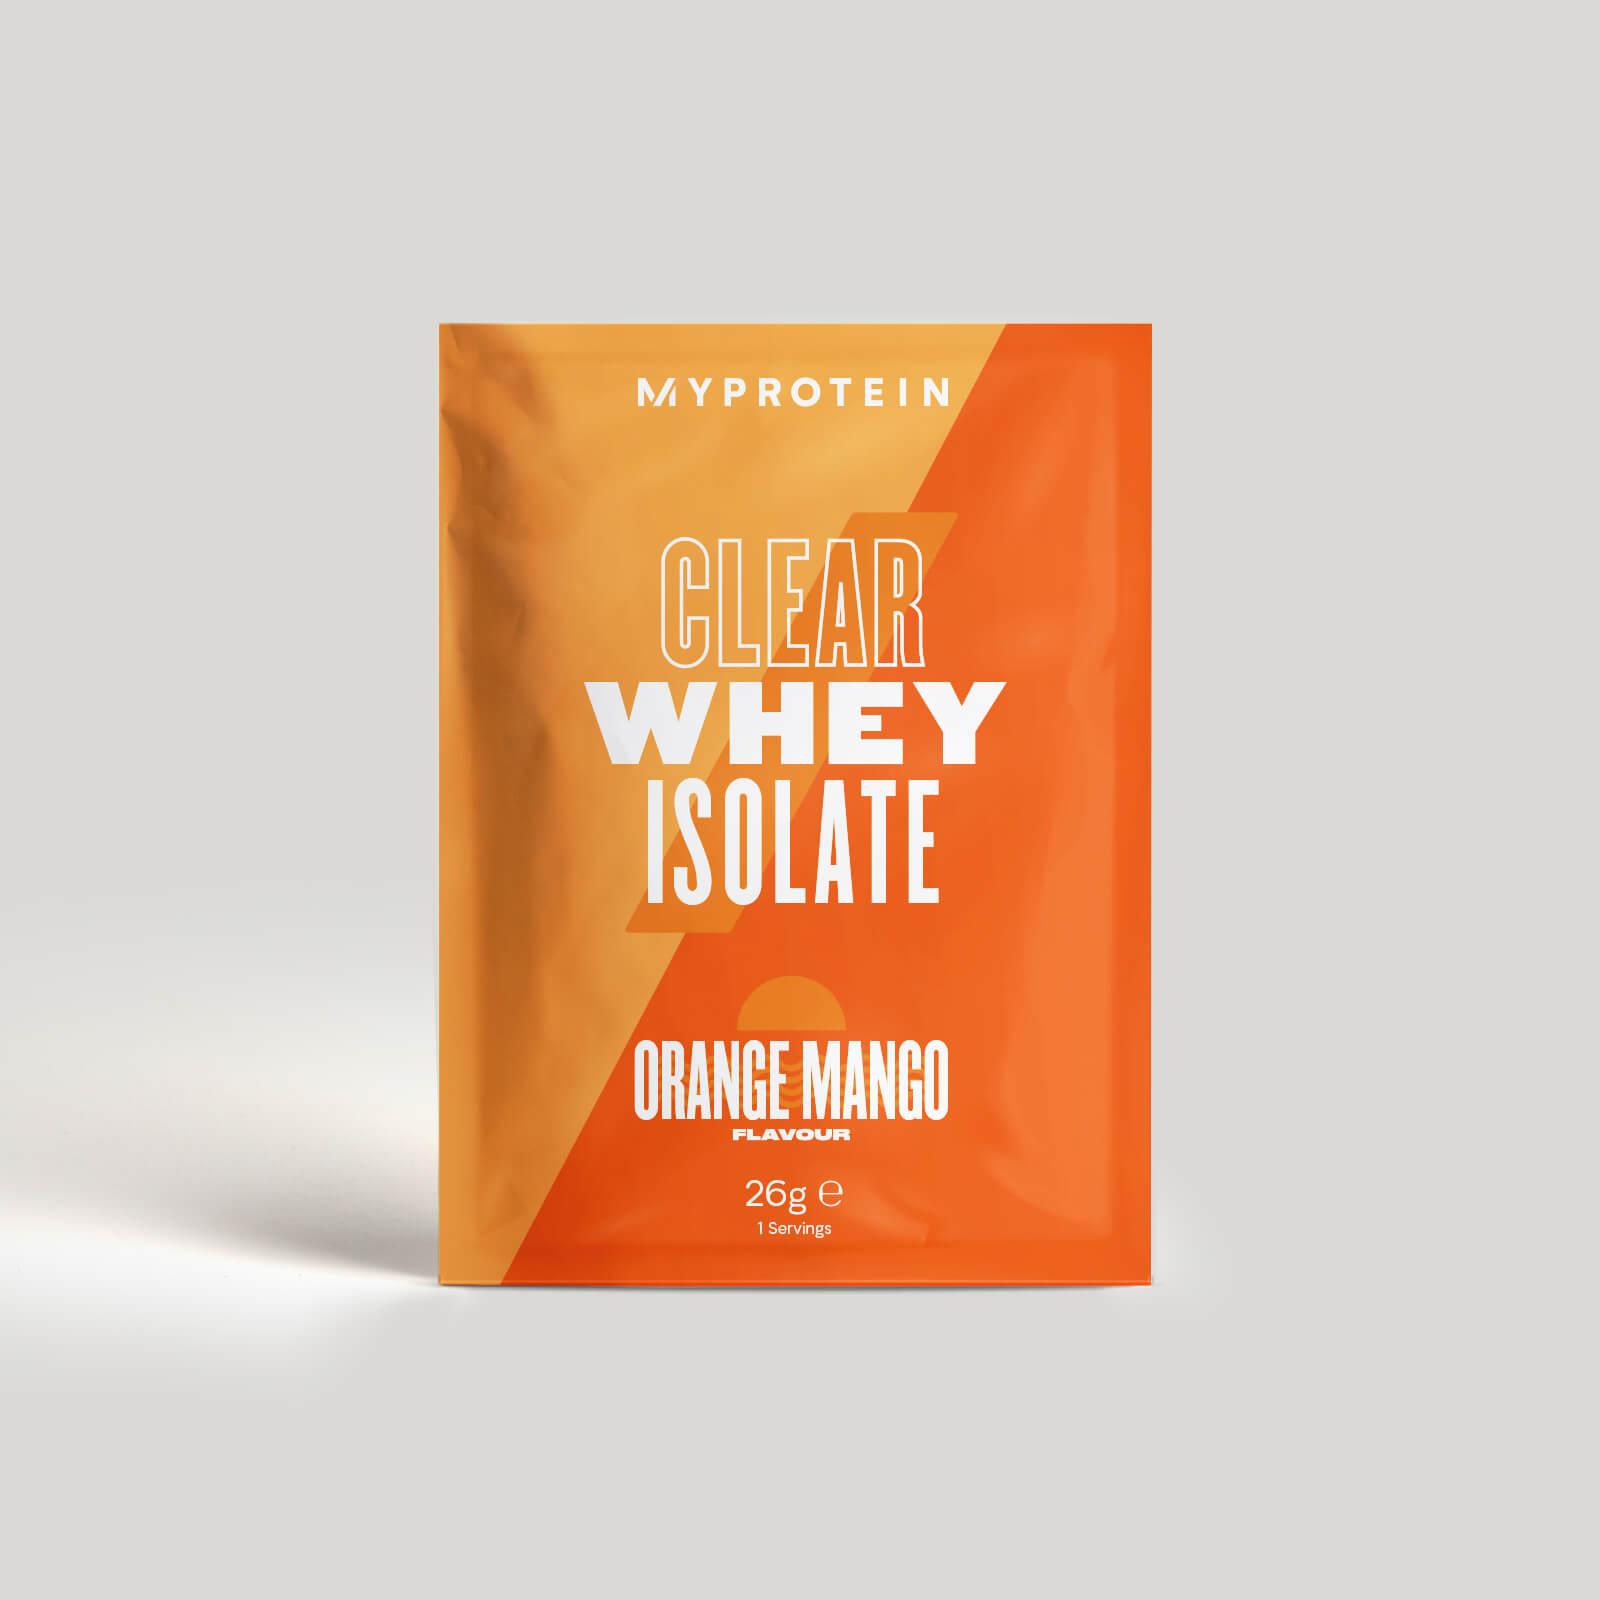 Myprotein Clear Whey Isolate (Échantillon) - 26g - Orange Mangue